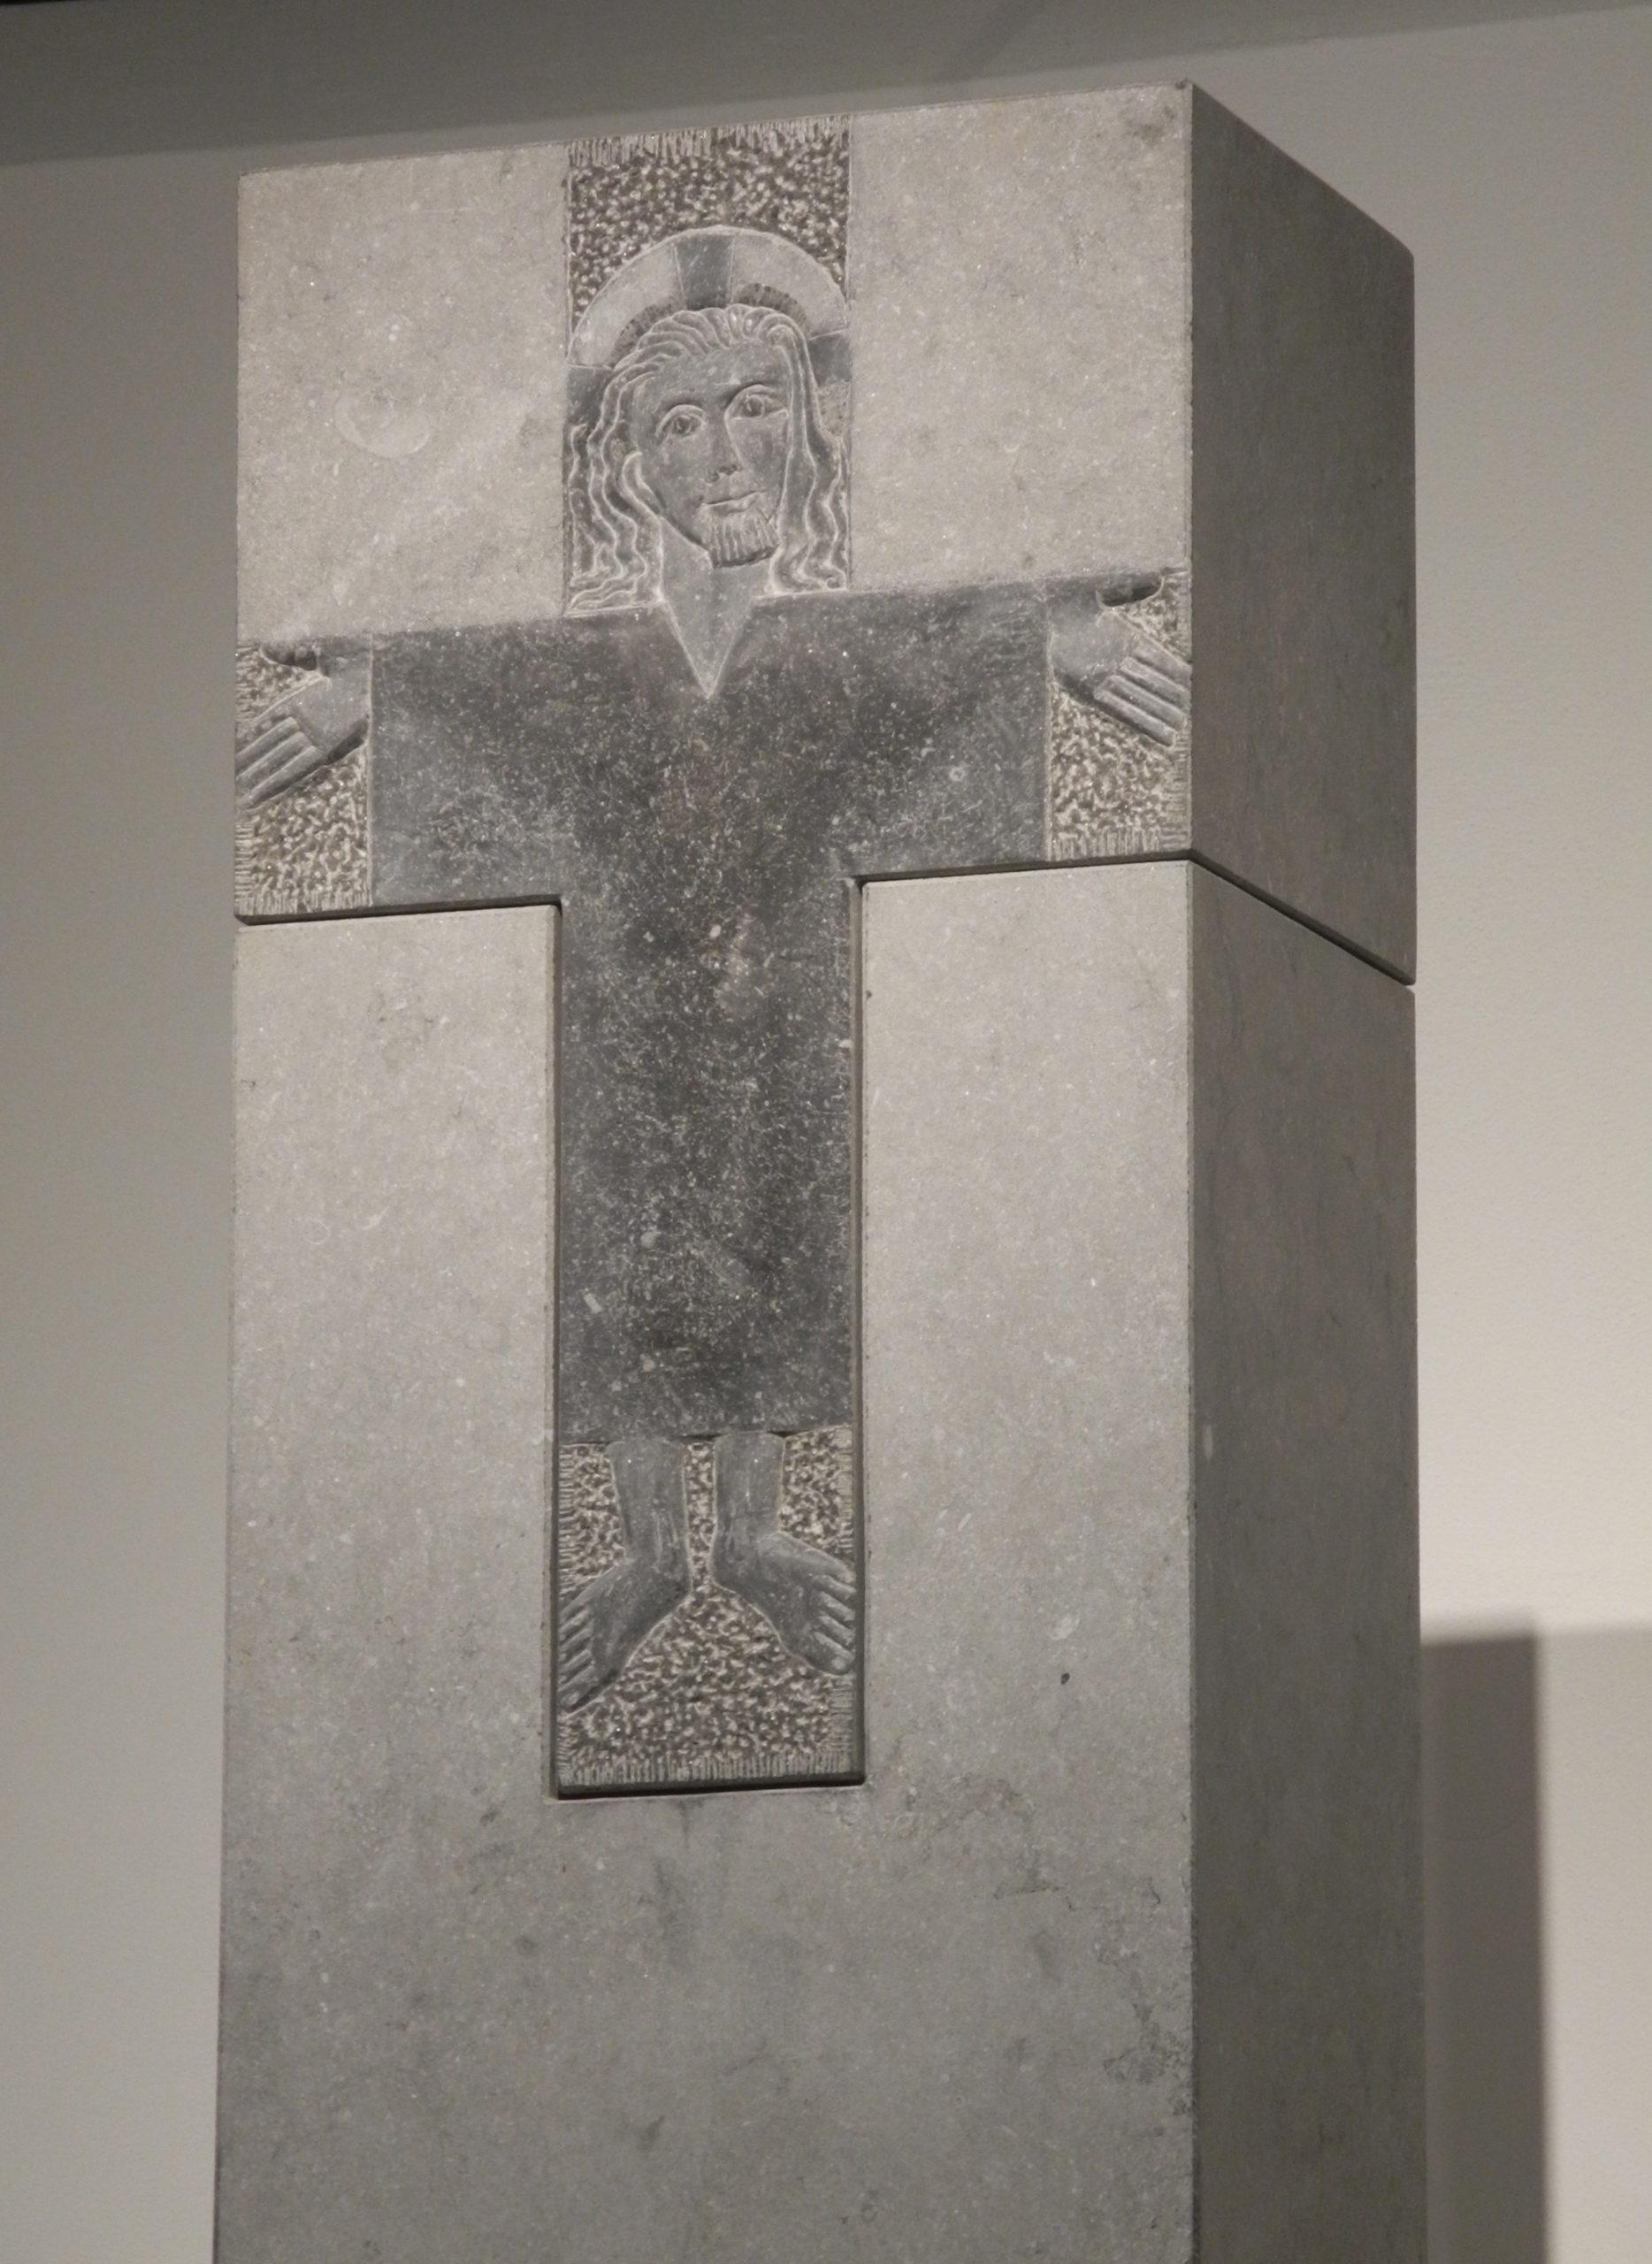 Christuskreuz, Hlg. Kreuz, Ichendorf, Belgisch Granit, Höhe 280 cm, 1997